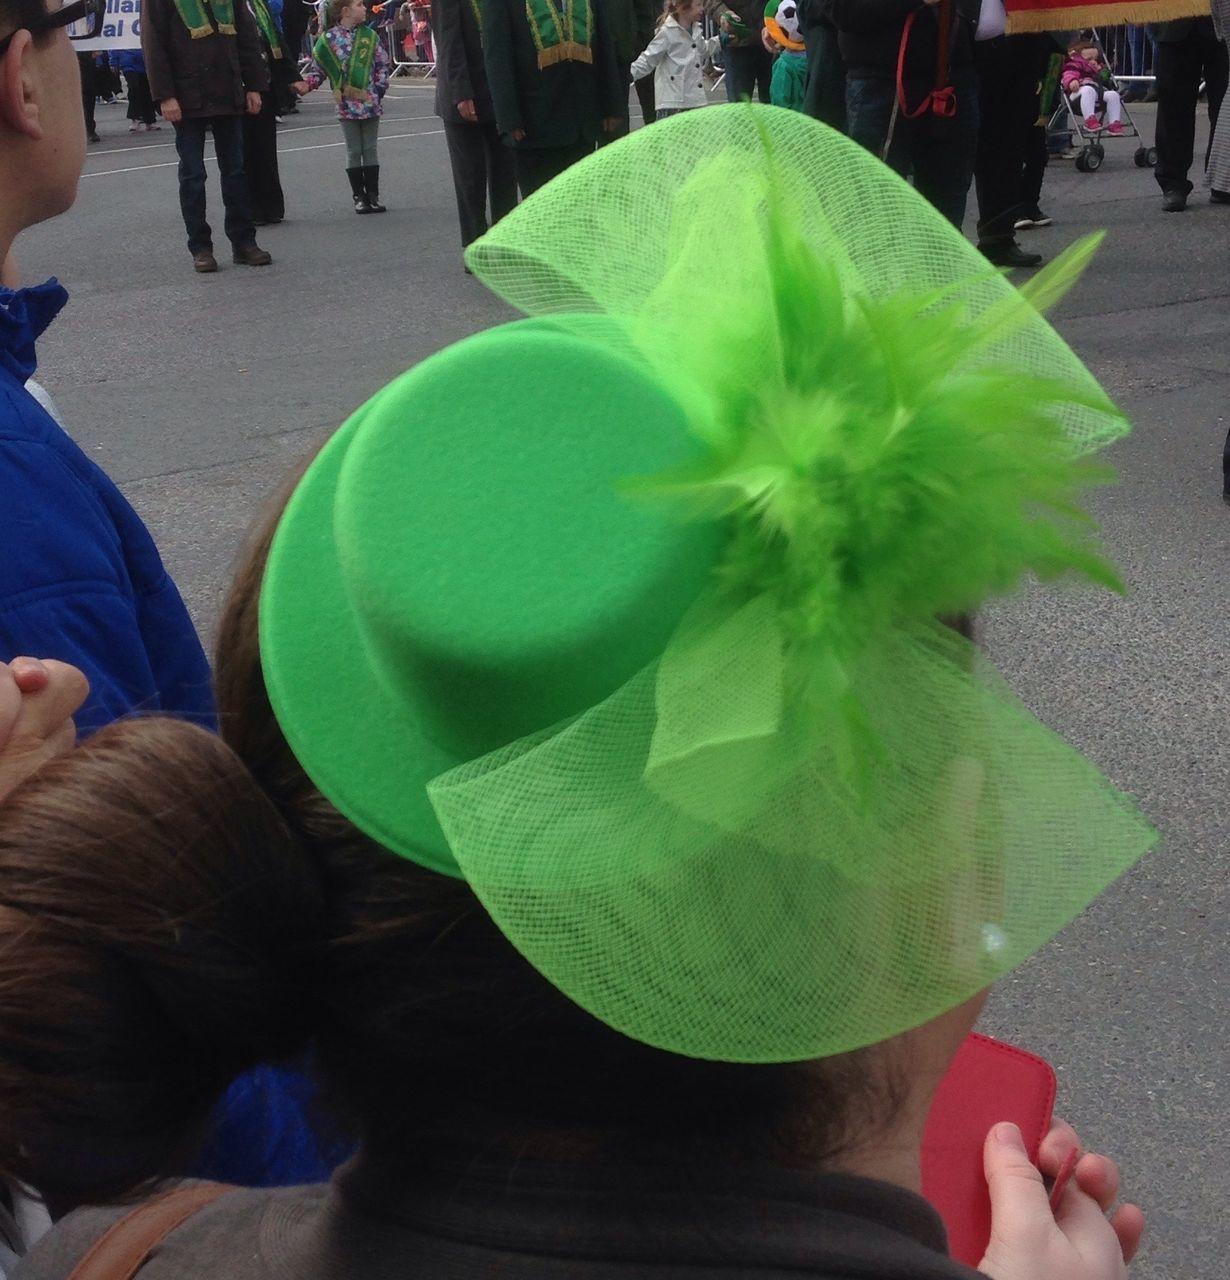 Rear View Of Woman Wearing Green Hat On Street